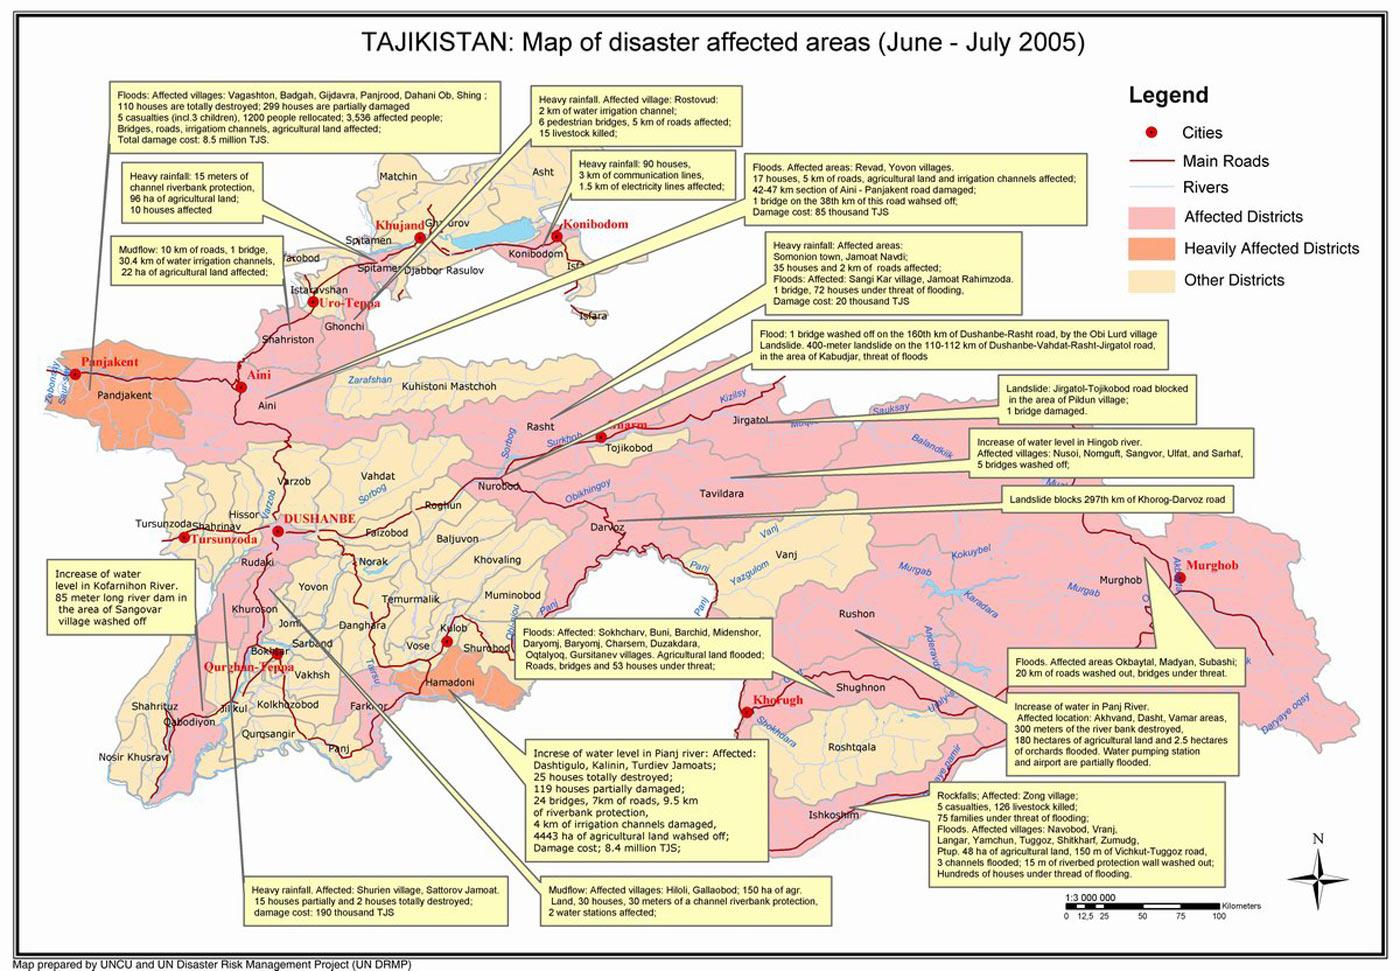 Mapa Zona de Desastres Naturais no Tajiquistão